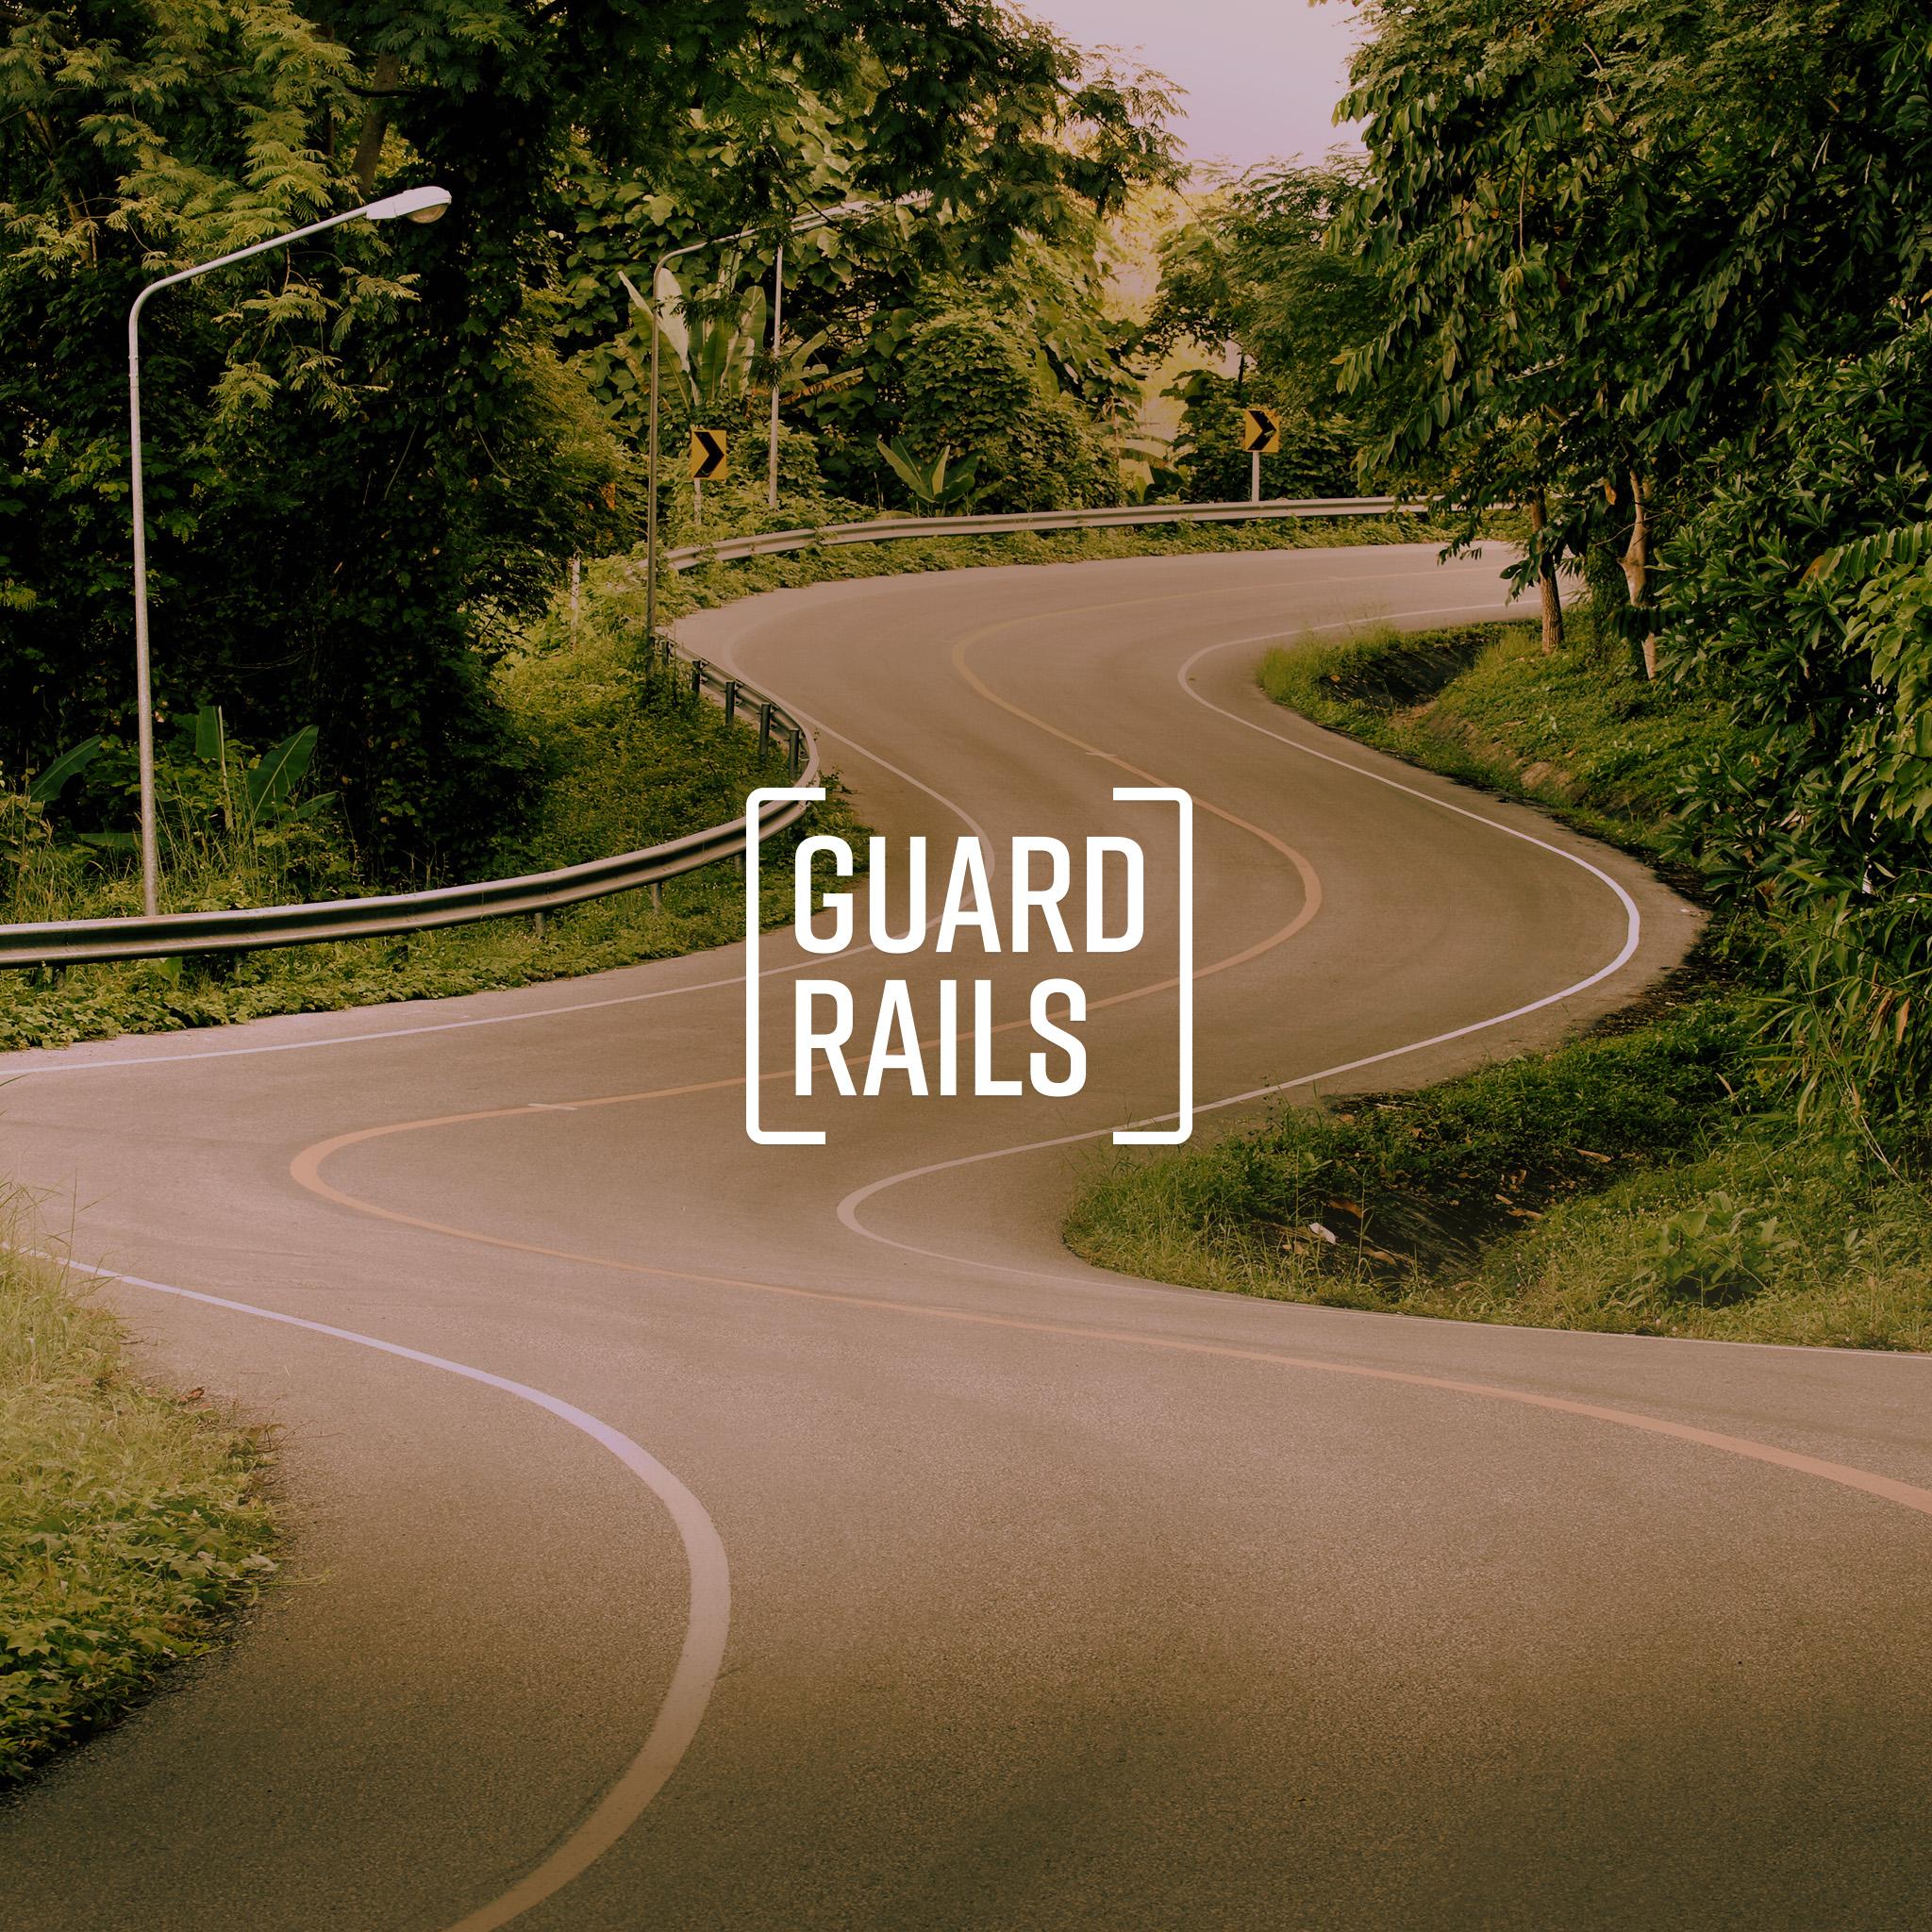 Guardrails_1-1_2.jpg